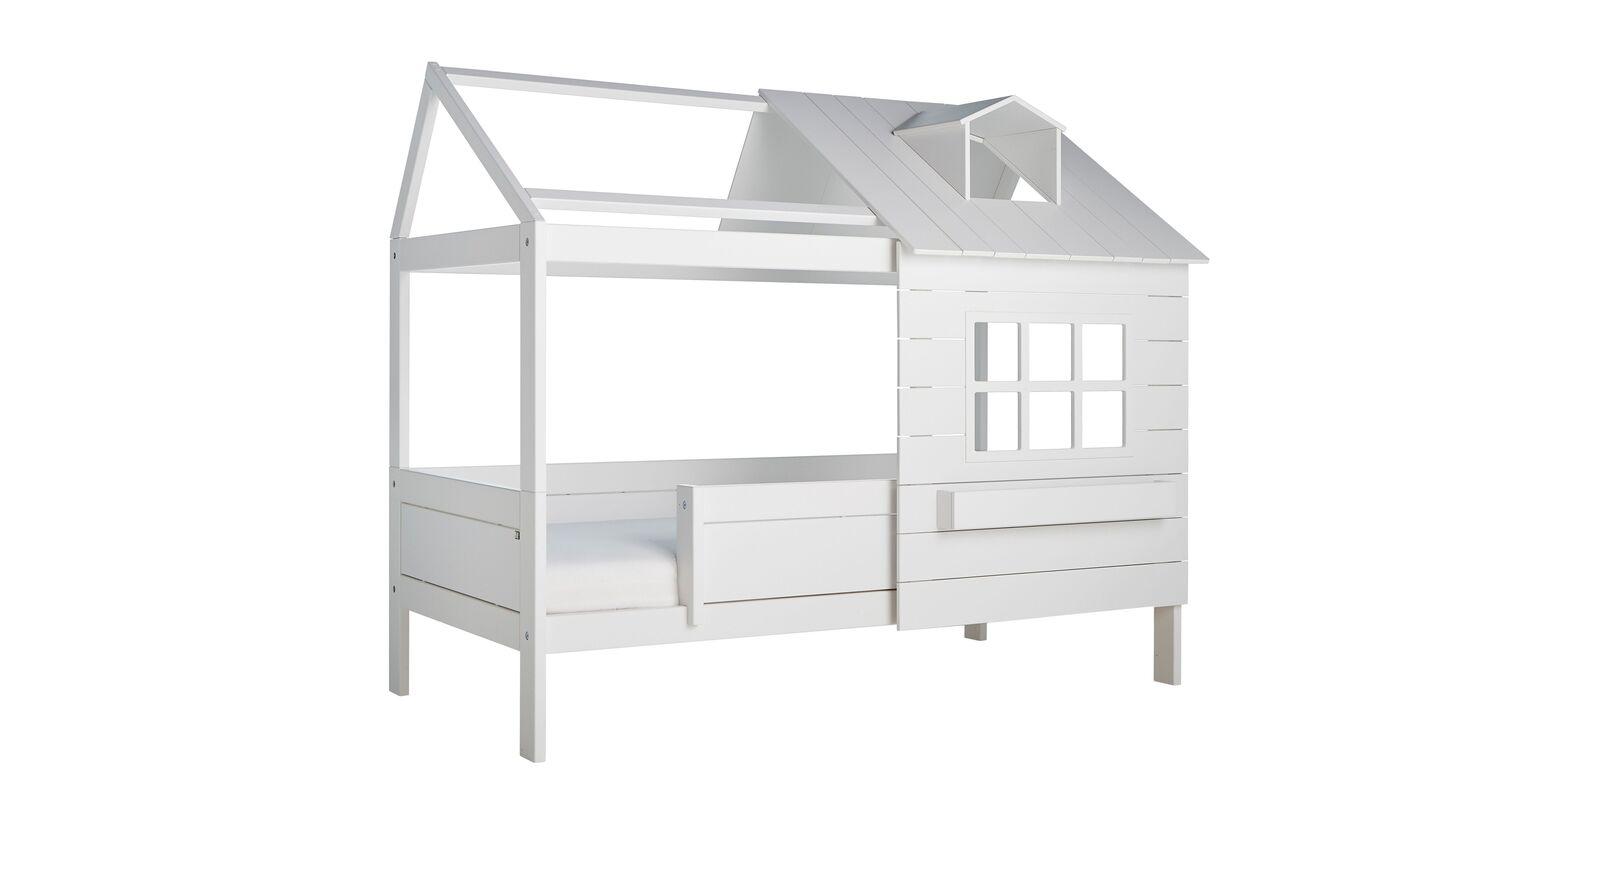 LIFETIME Hüttenbett Lake House mit Fenster und Dachhälfte